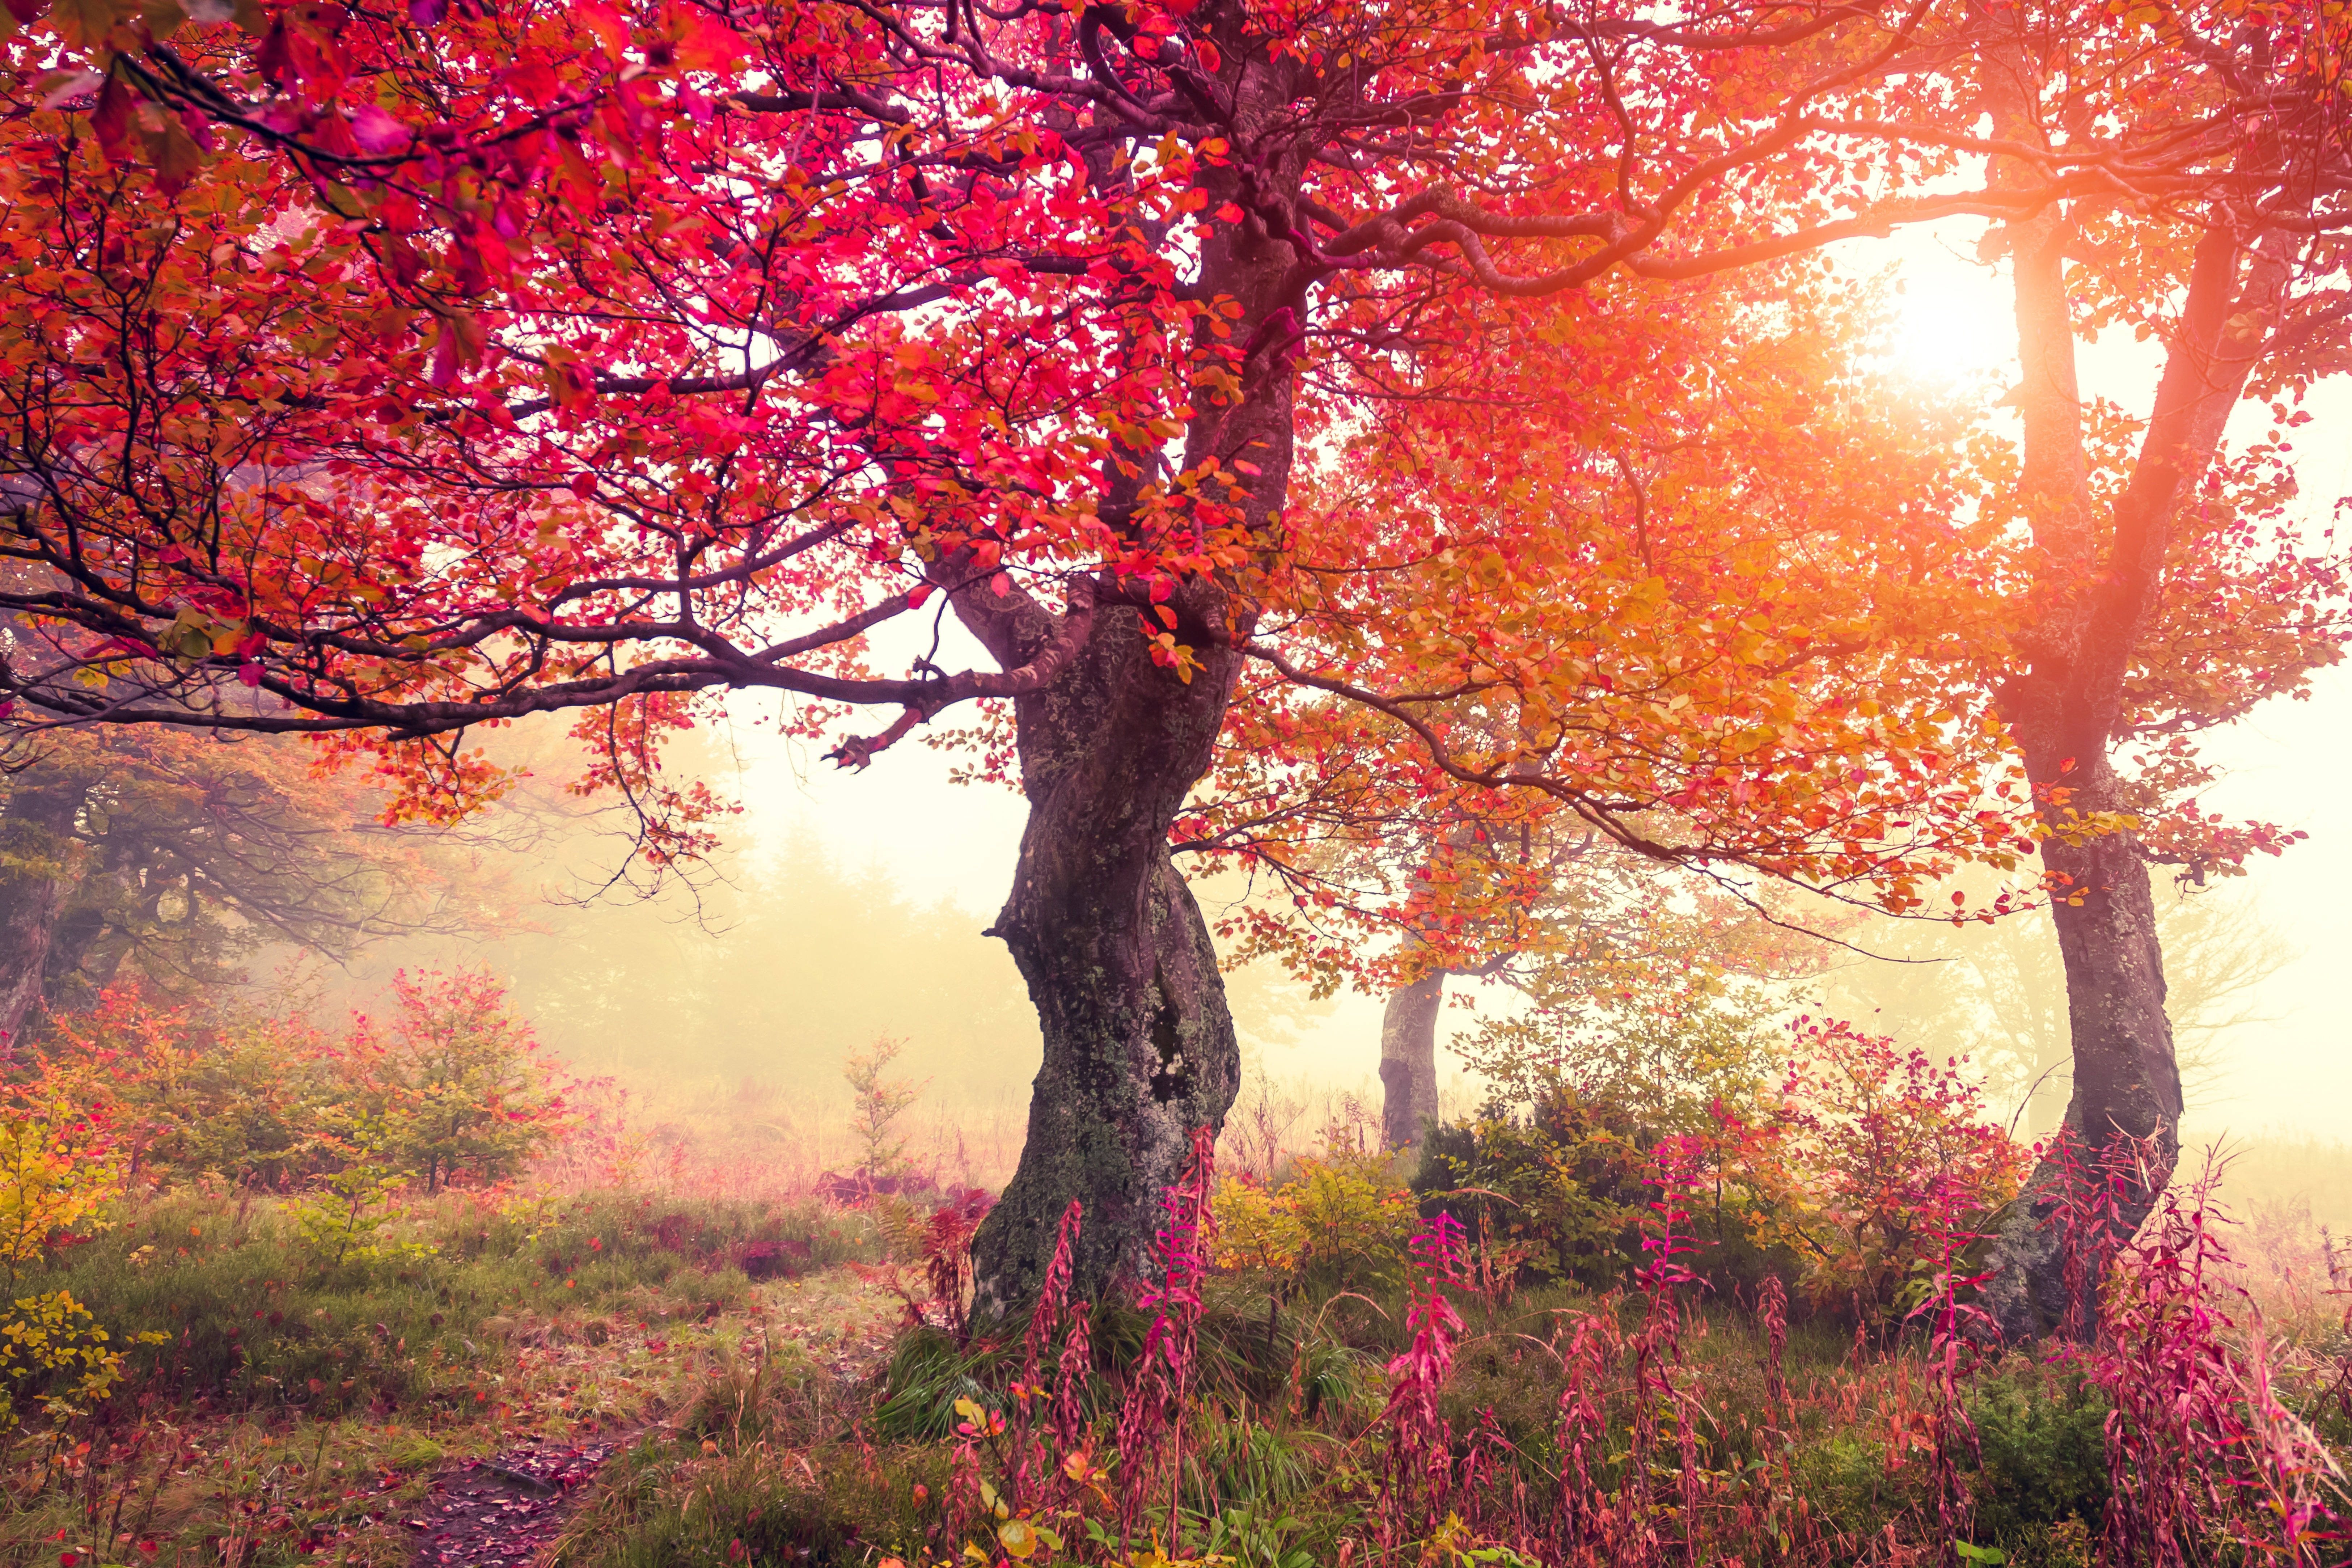 Herbst 5k Retina Ultra Hd Wallpaper Hintergrund 6500x4333 Id